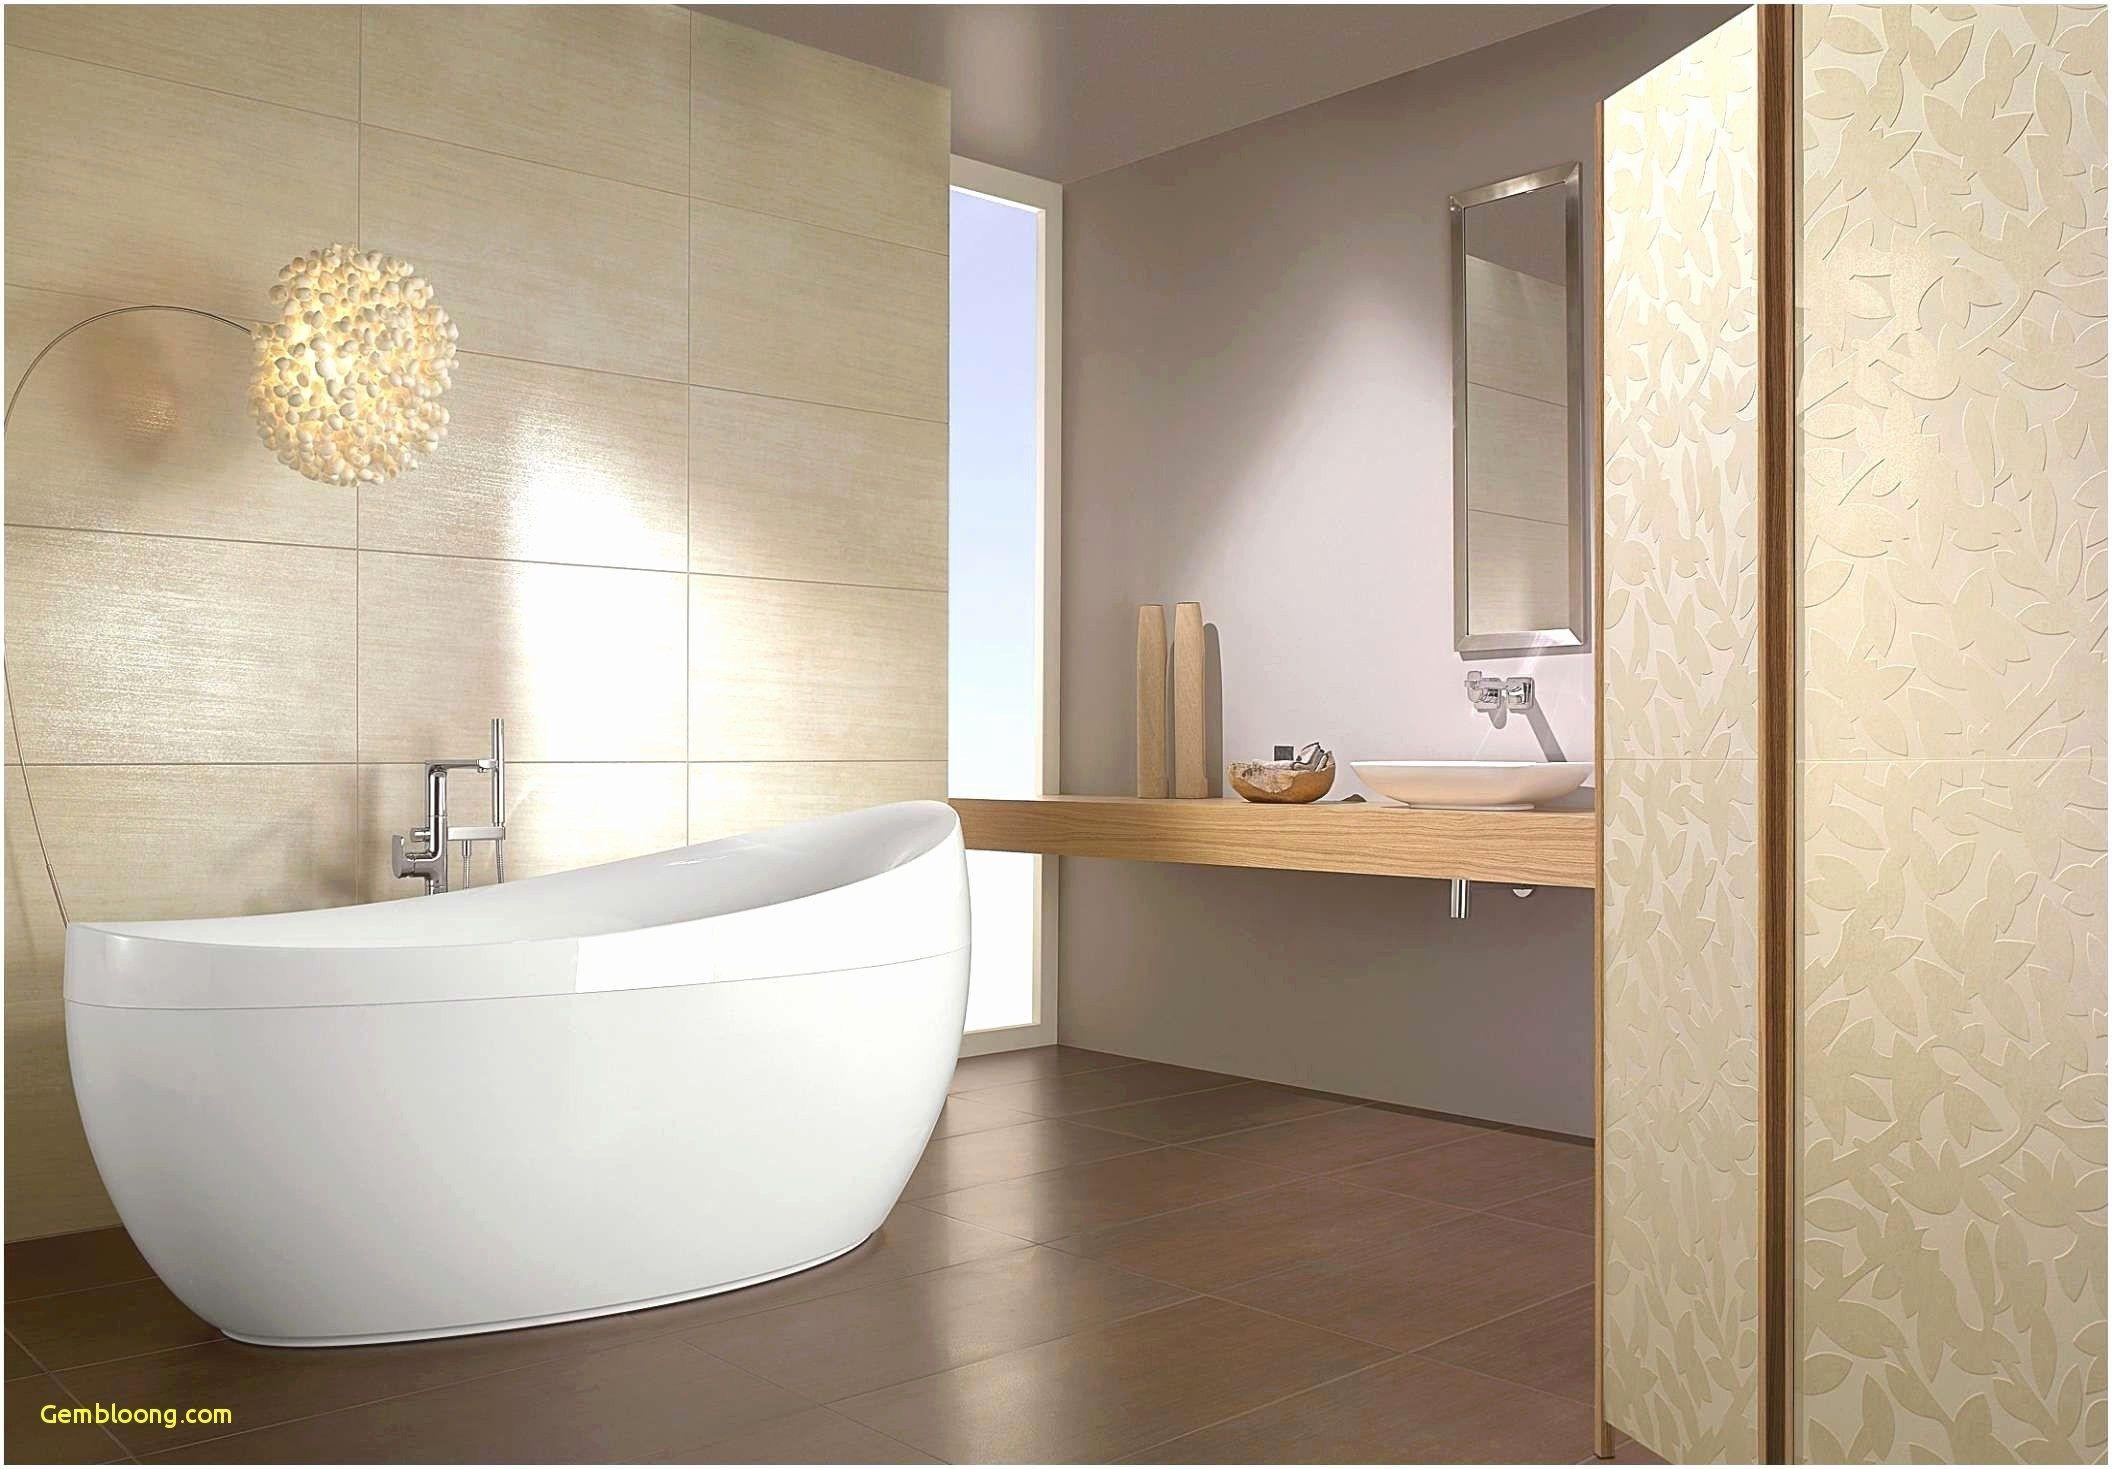 8 Bunt Kleines Badezimmer Renovieren Vorher Nachher Bad ...